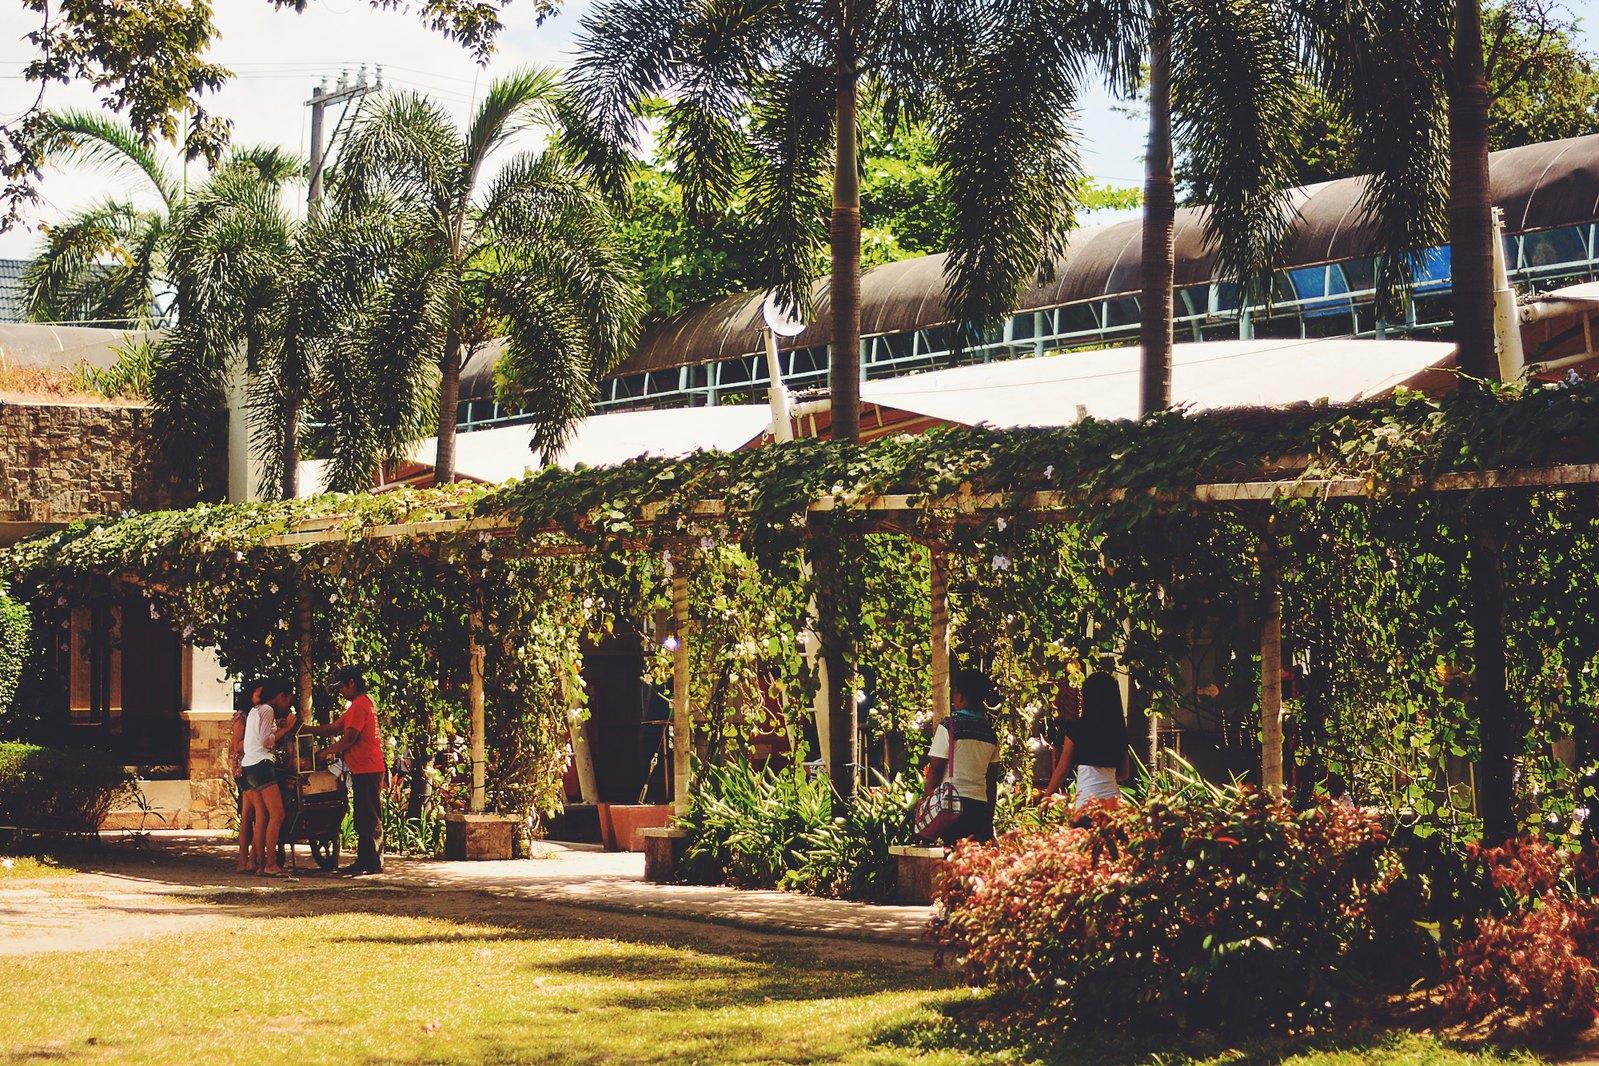 Pasig: Near the Riverbanks – Pusang Gala